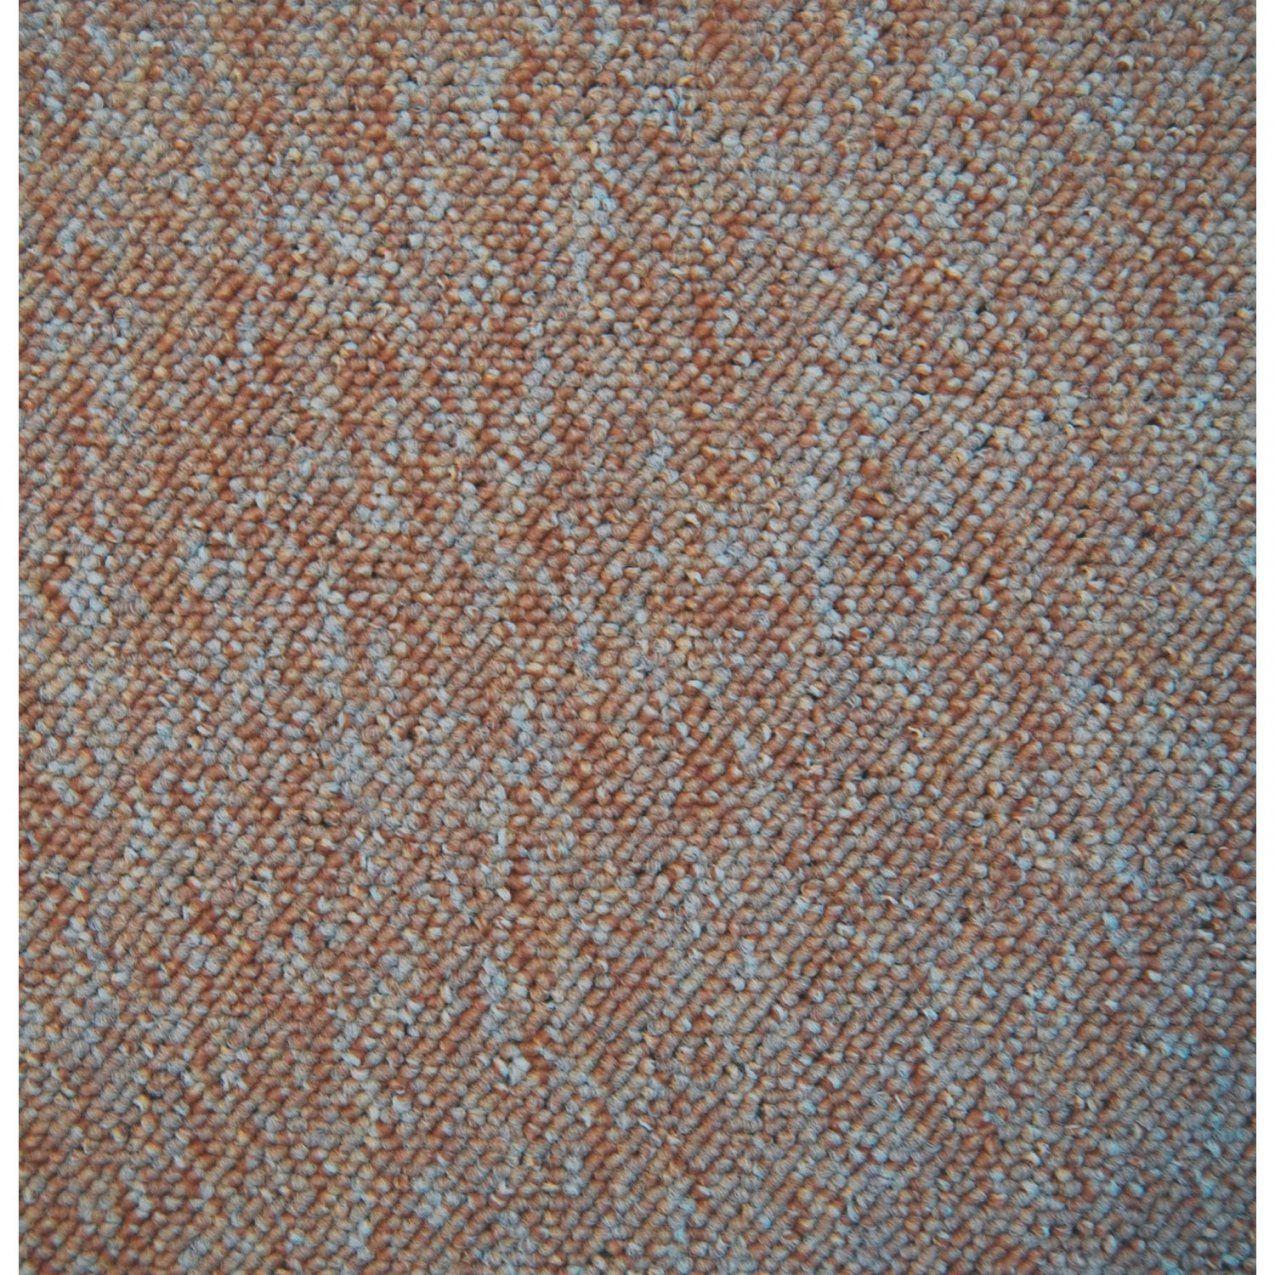 Teppichboden Für Badezimmer Meterware Wg62 – Hitoiro von Teppichboden Für Badezimmer Meterware Photo